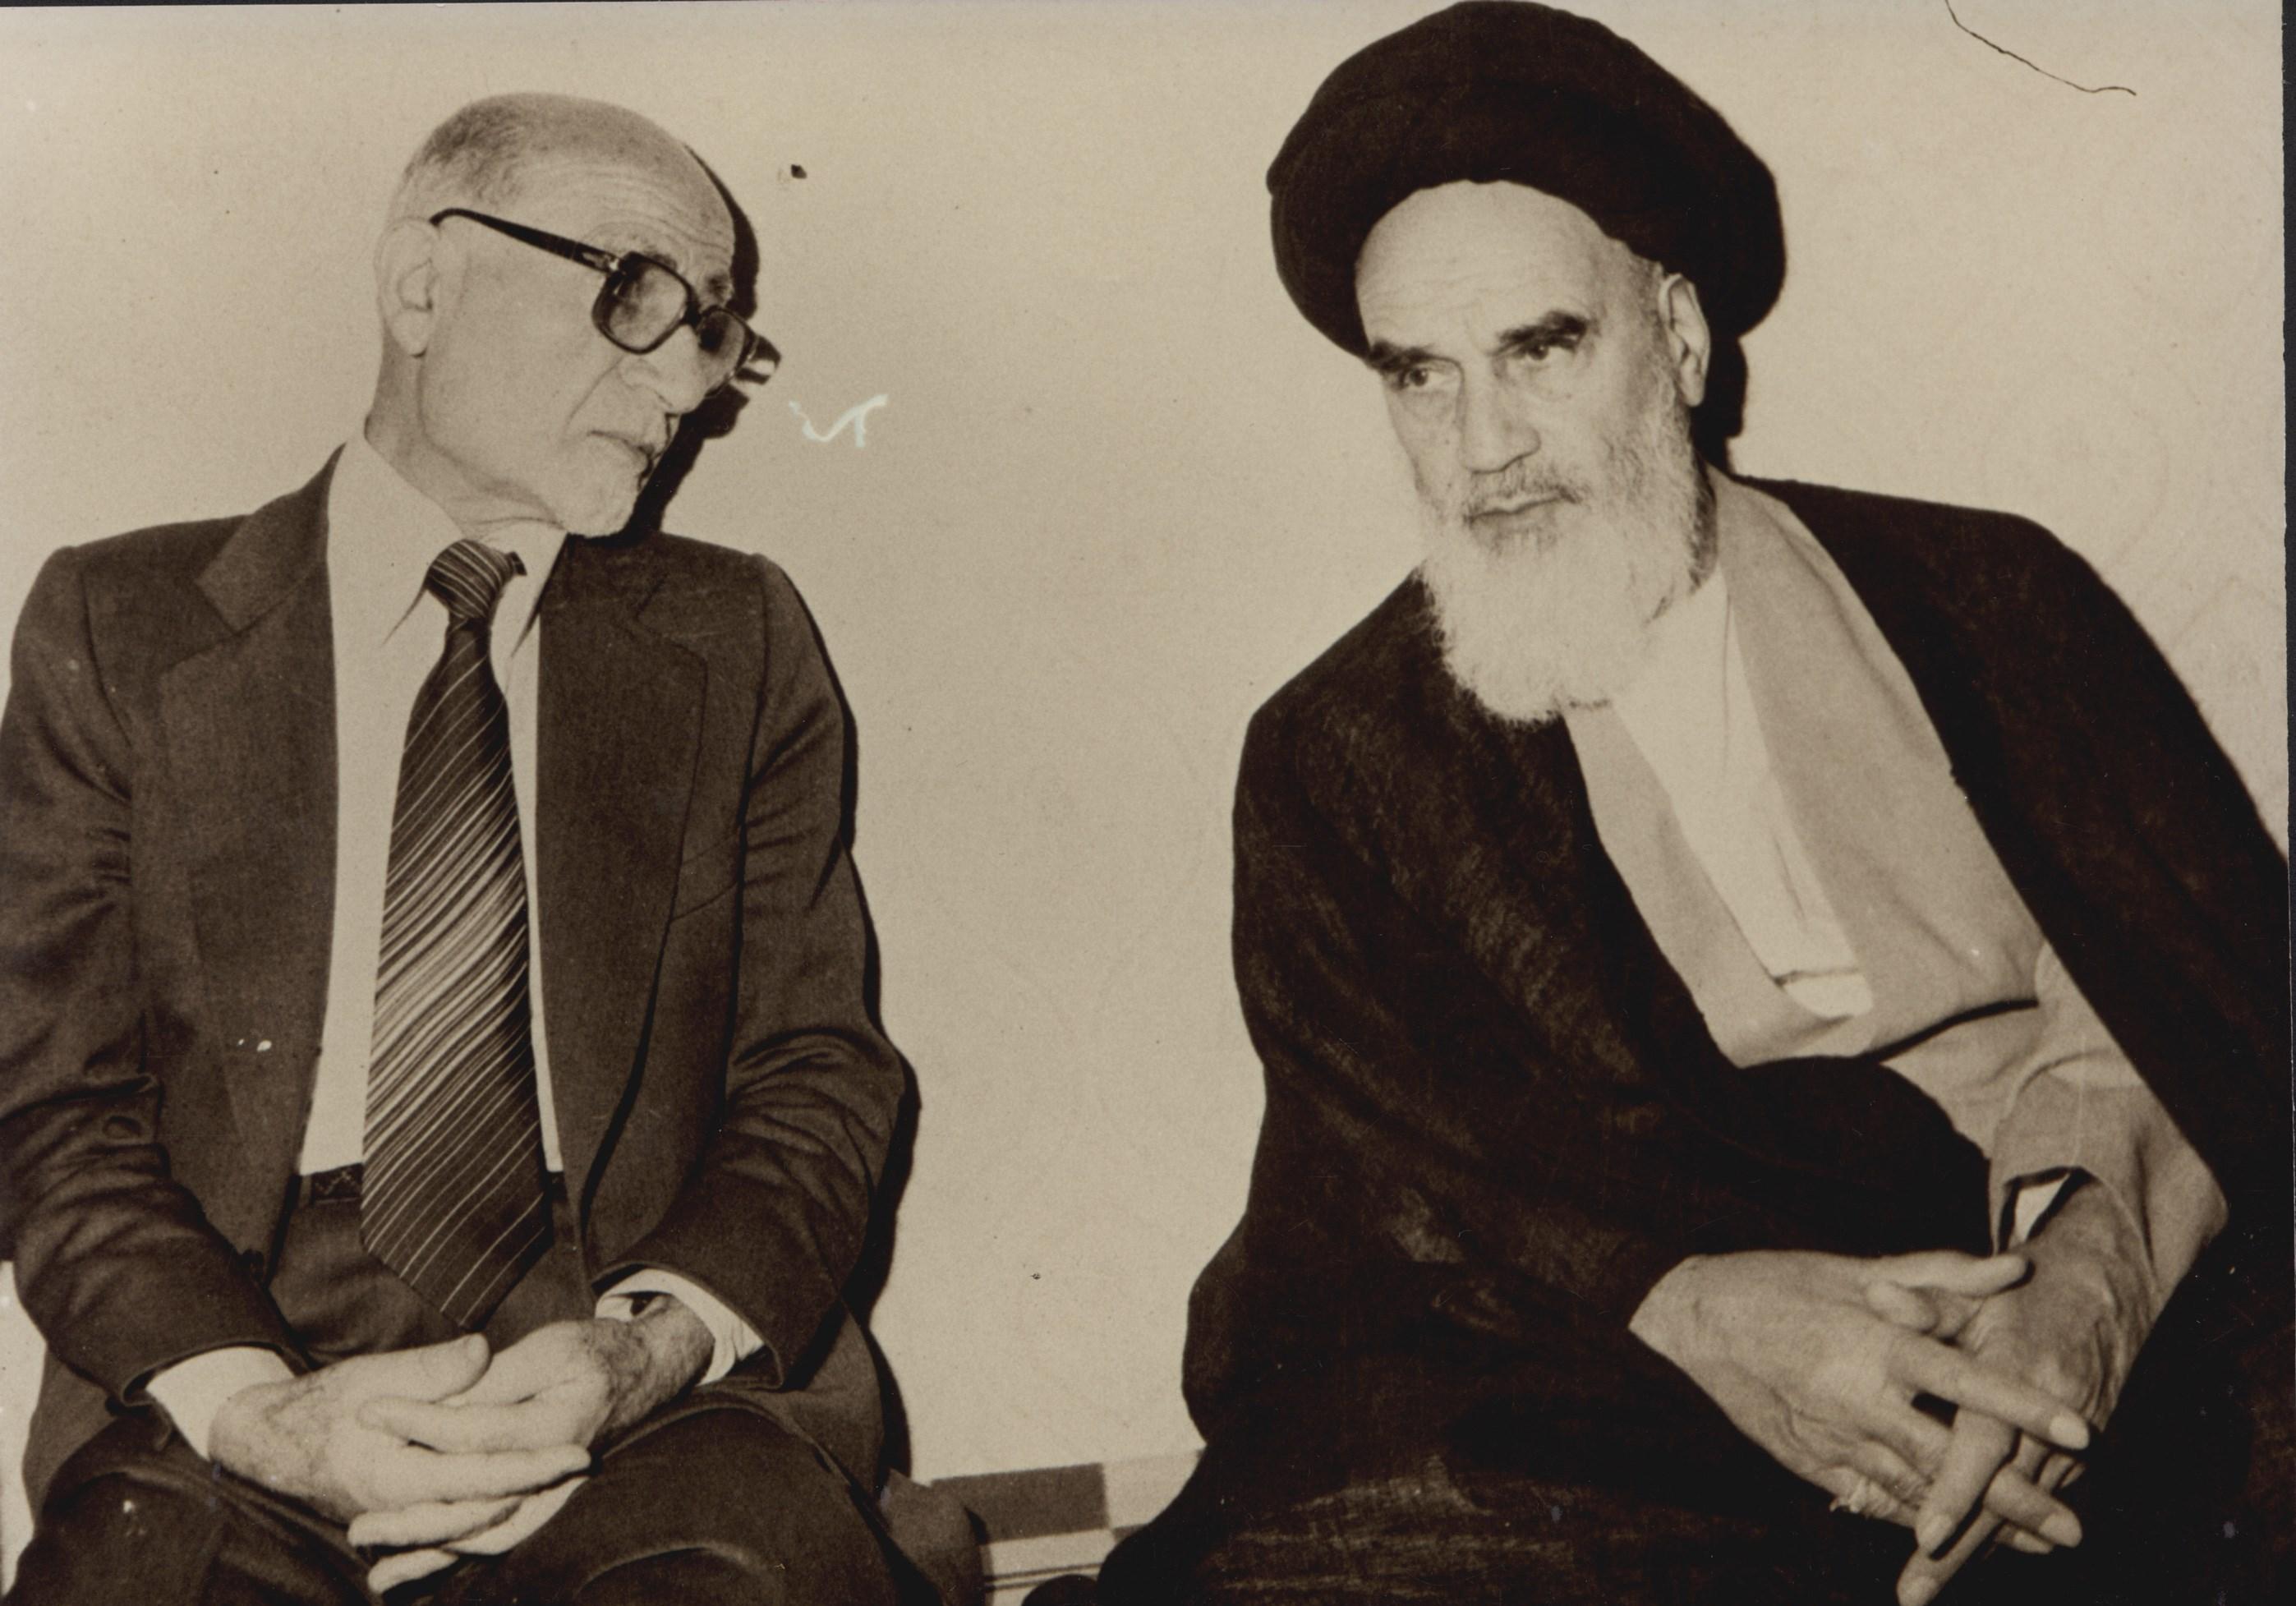 """واکنش امام خمینی به پیشنهاد بازرگان برای """"سازش"""" با نظام سلطنتی"""